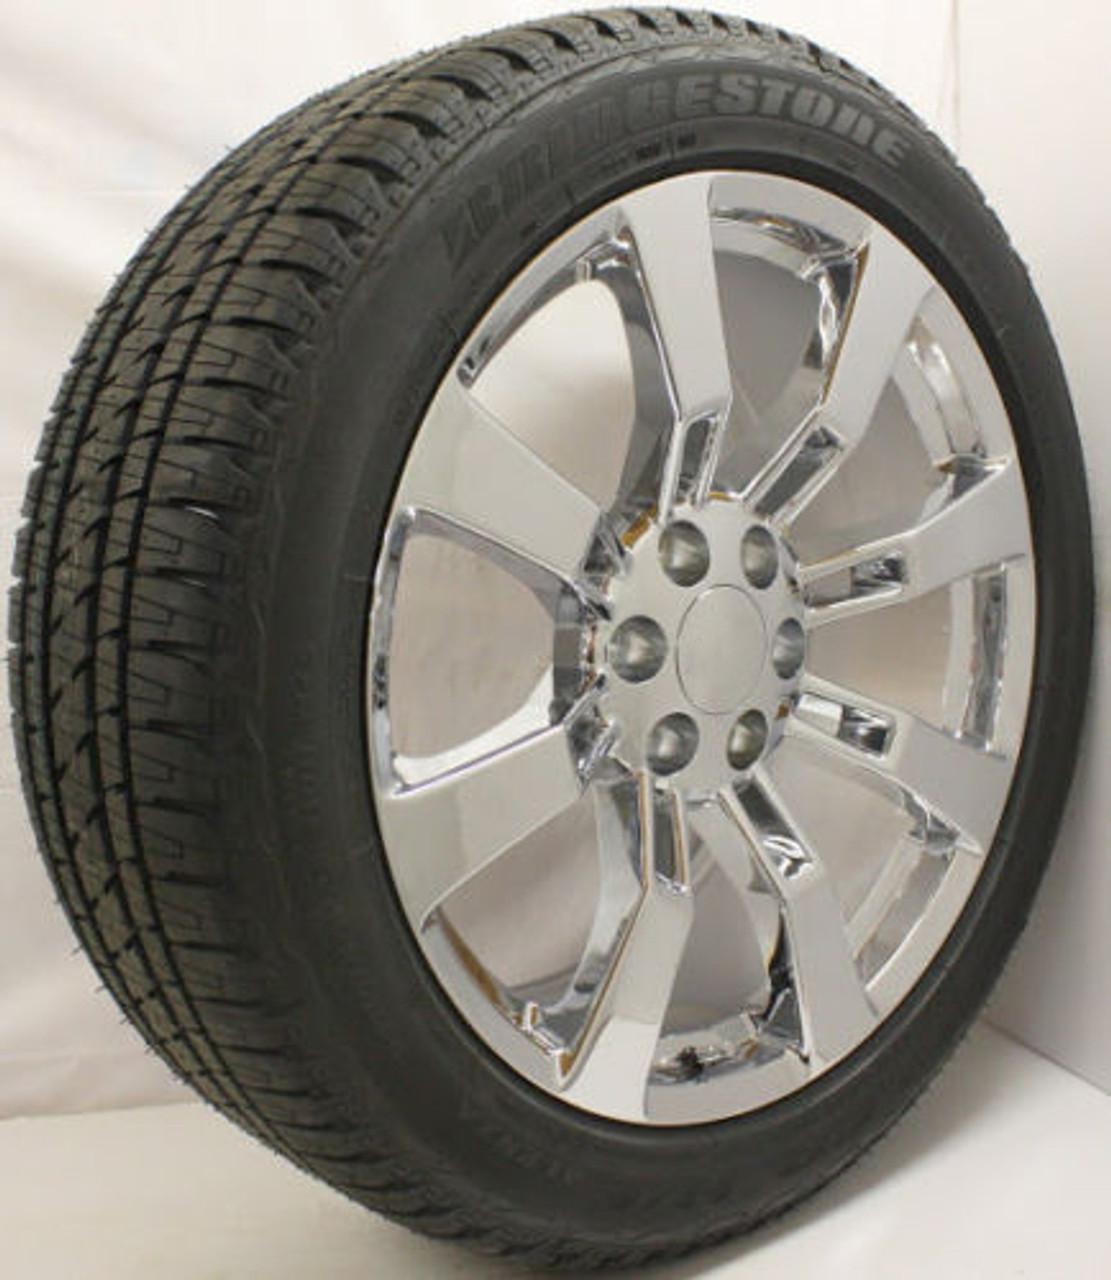 """Chrome 22"""" Eight Spoke Wheels with Bridgestone Tires for Chevy Silverado, Tahoe, Suburban - New Set of 4"""